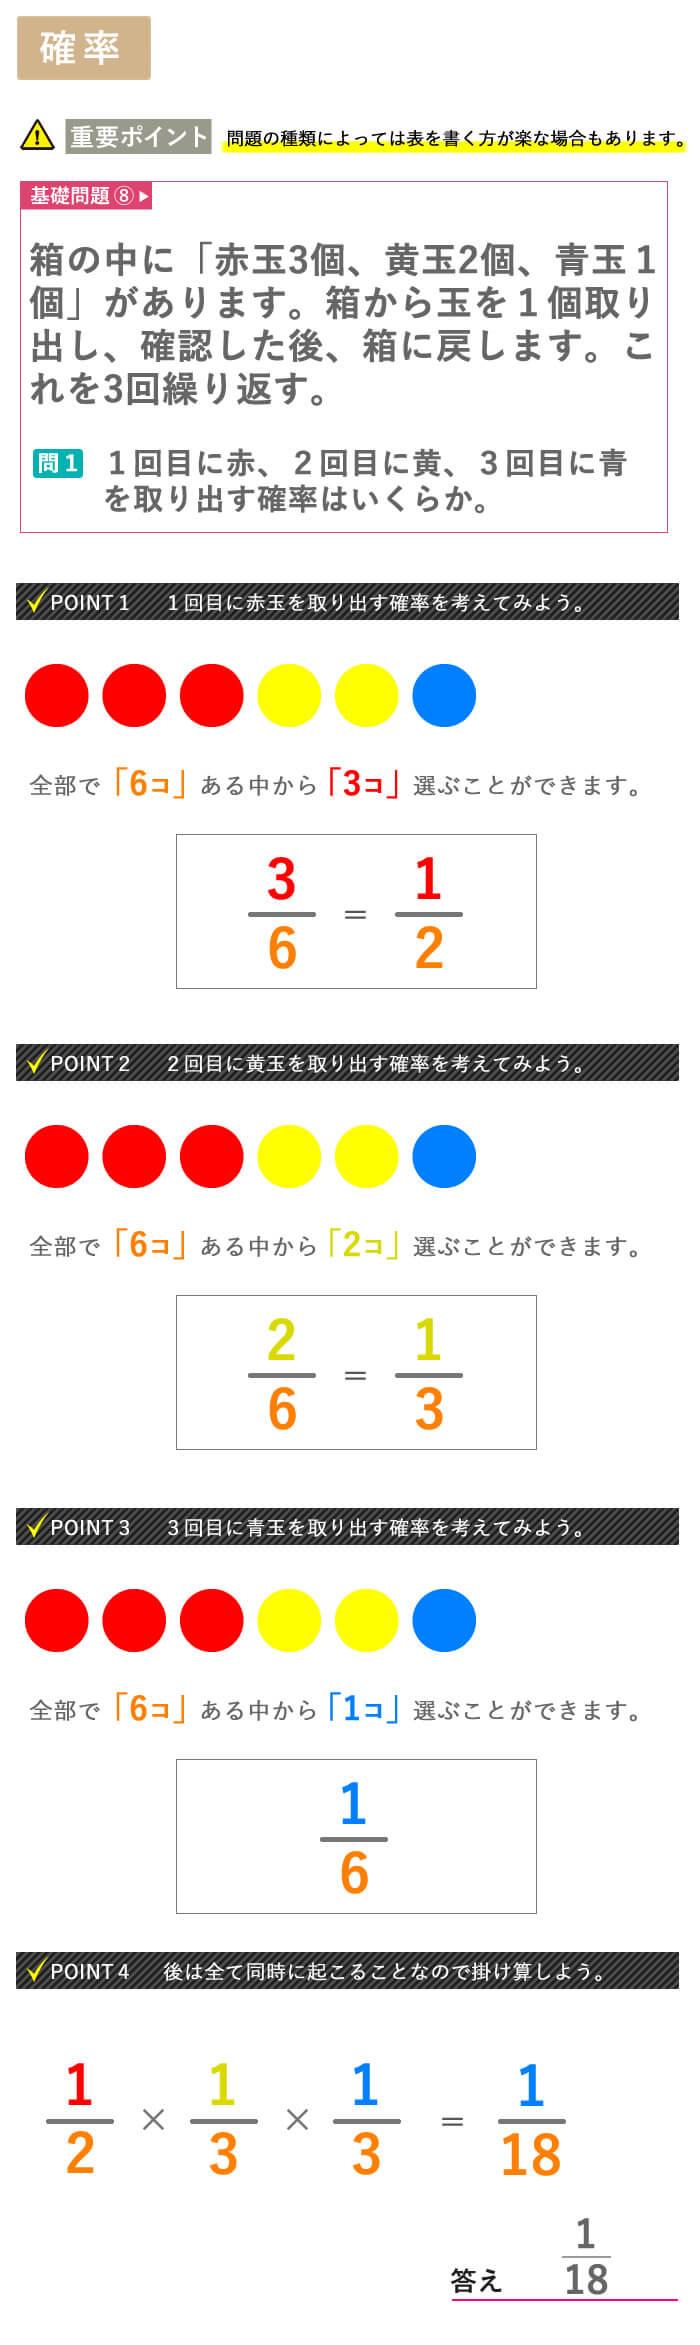 看護予備校大阪KAZアカデミーの場合の数、【確率 その9】画像